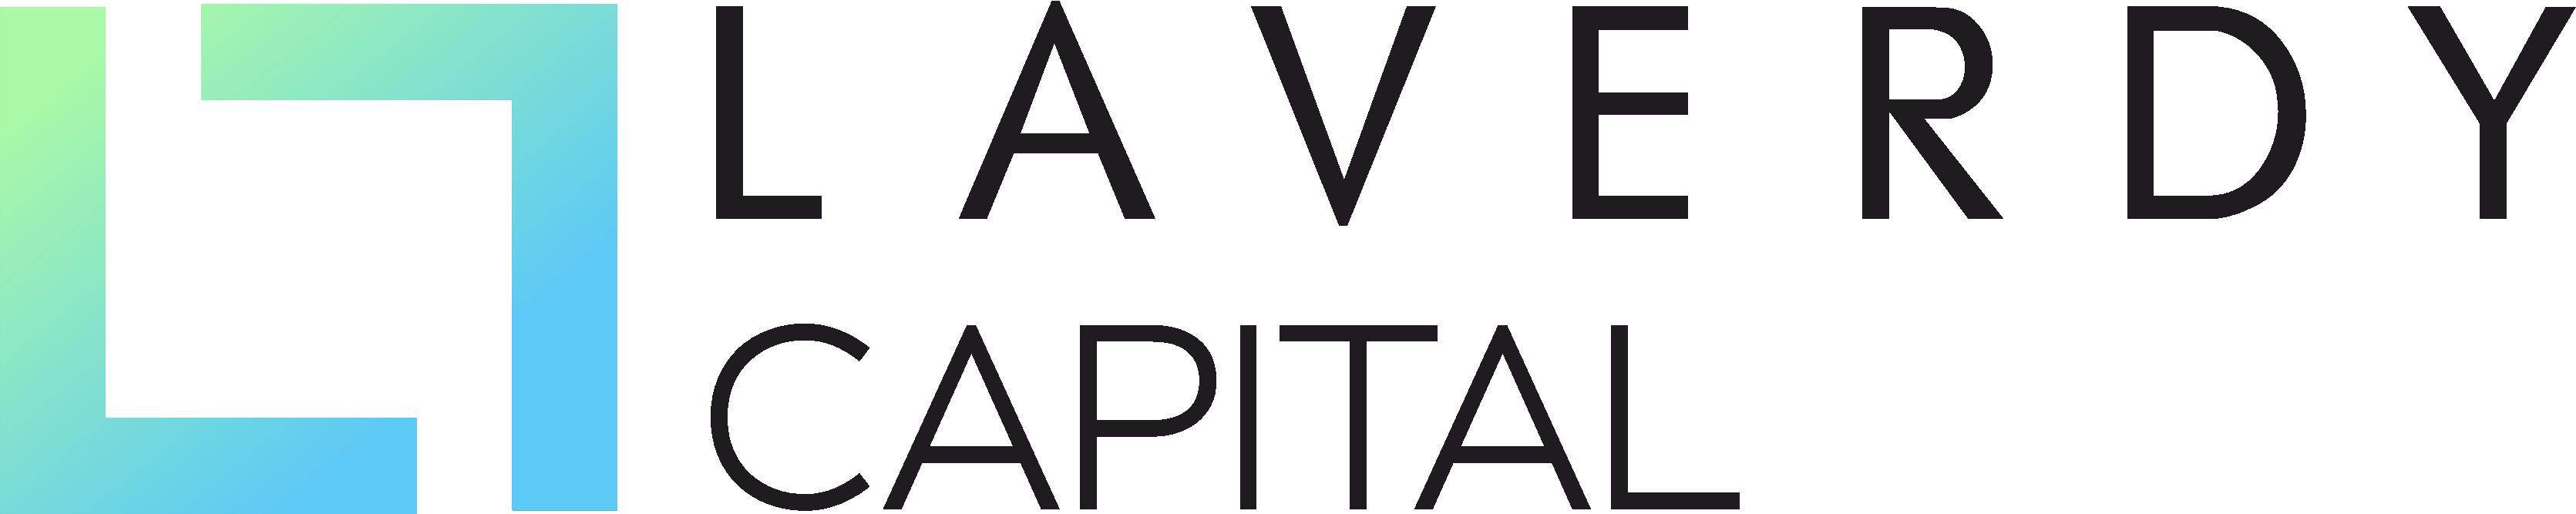 Laverdy Capital – découvrez et investissez dans les cryptomonnaies